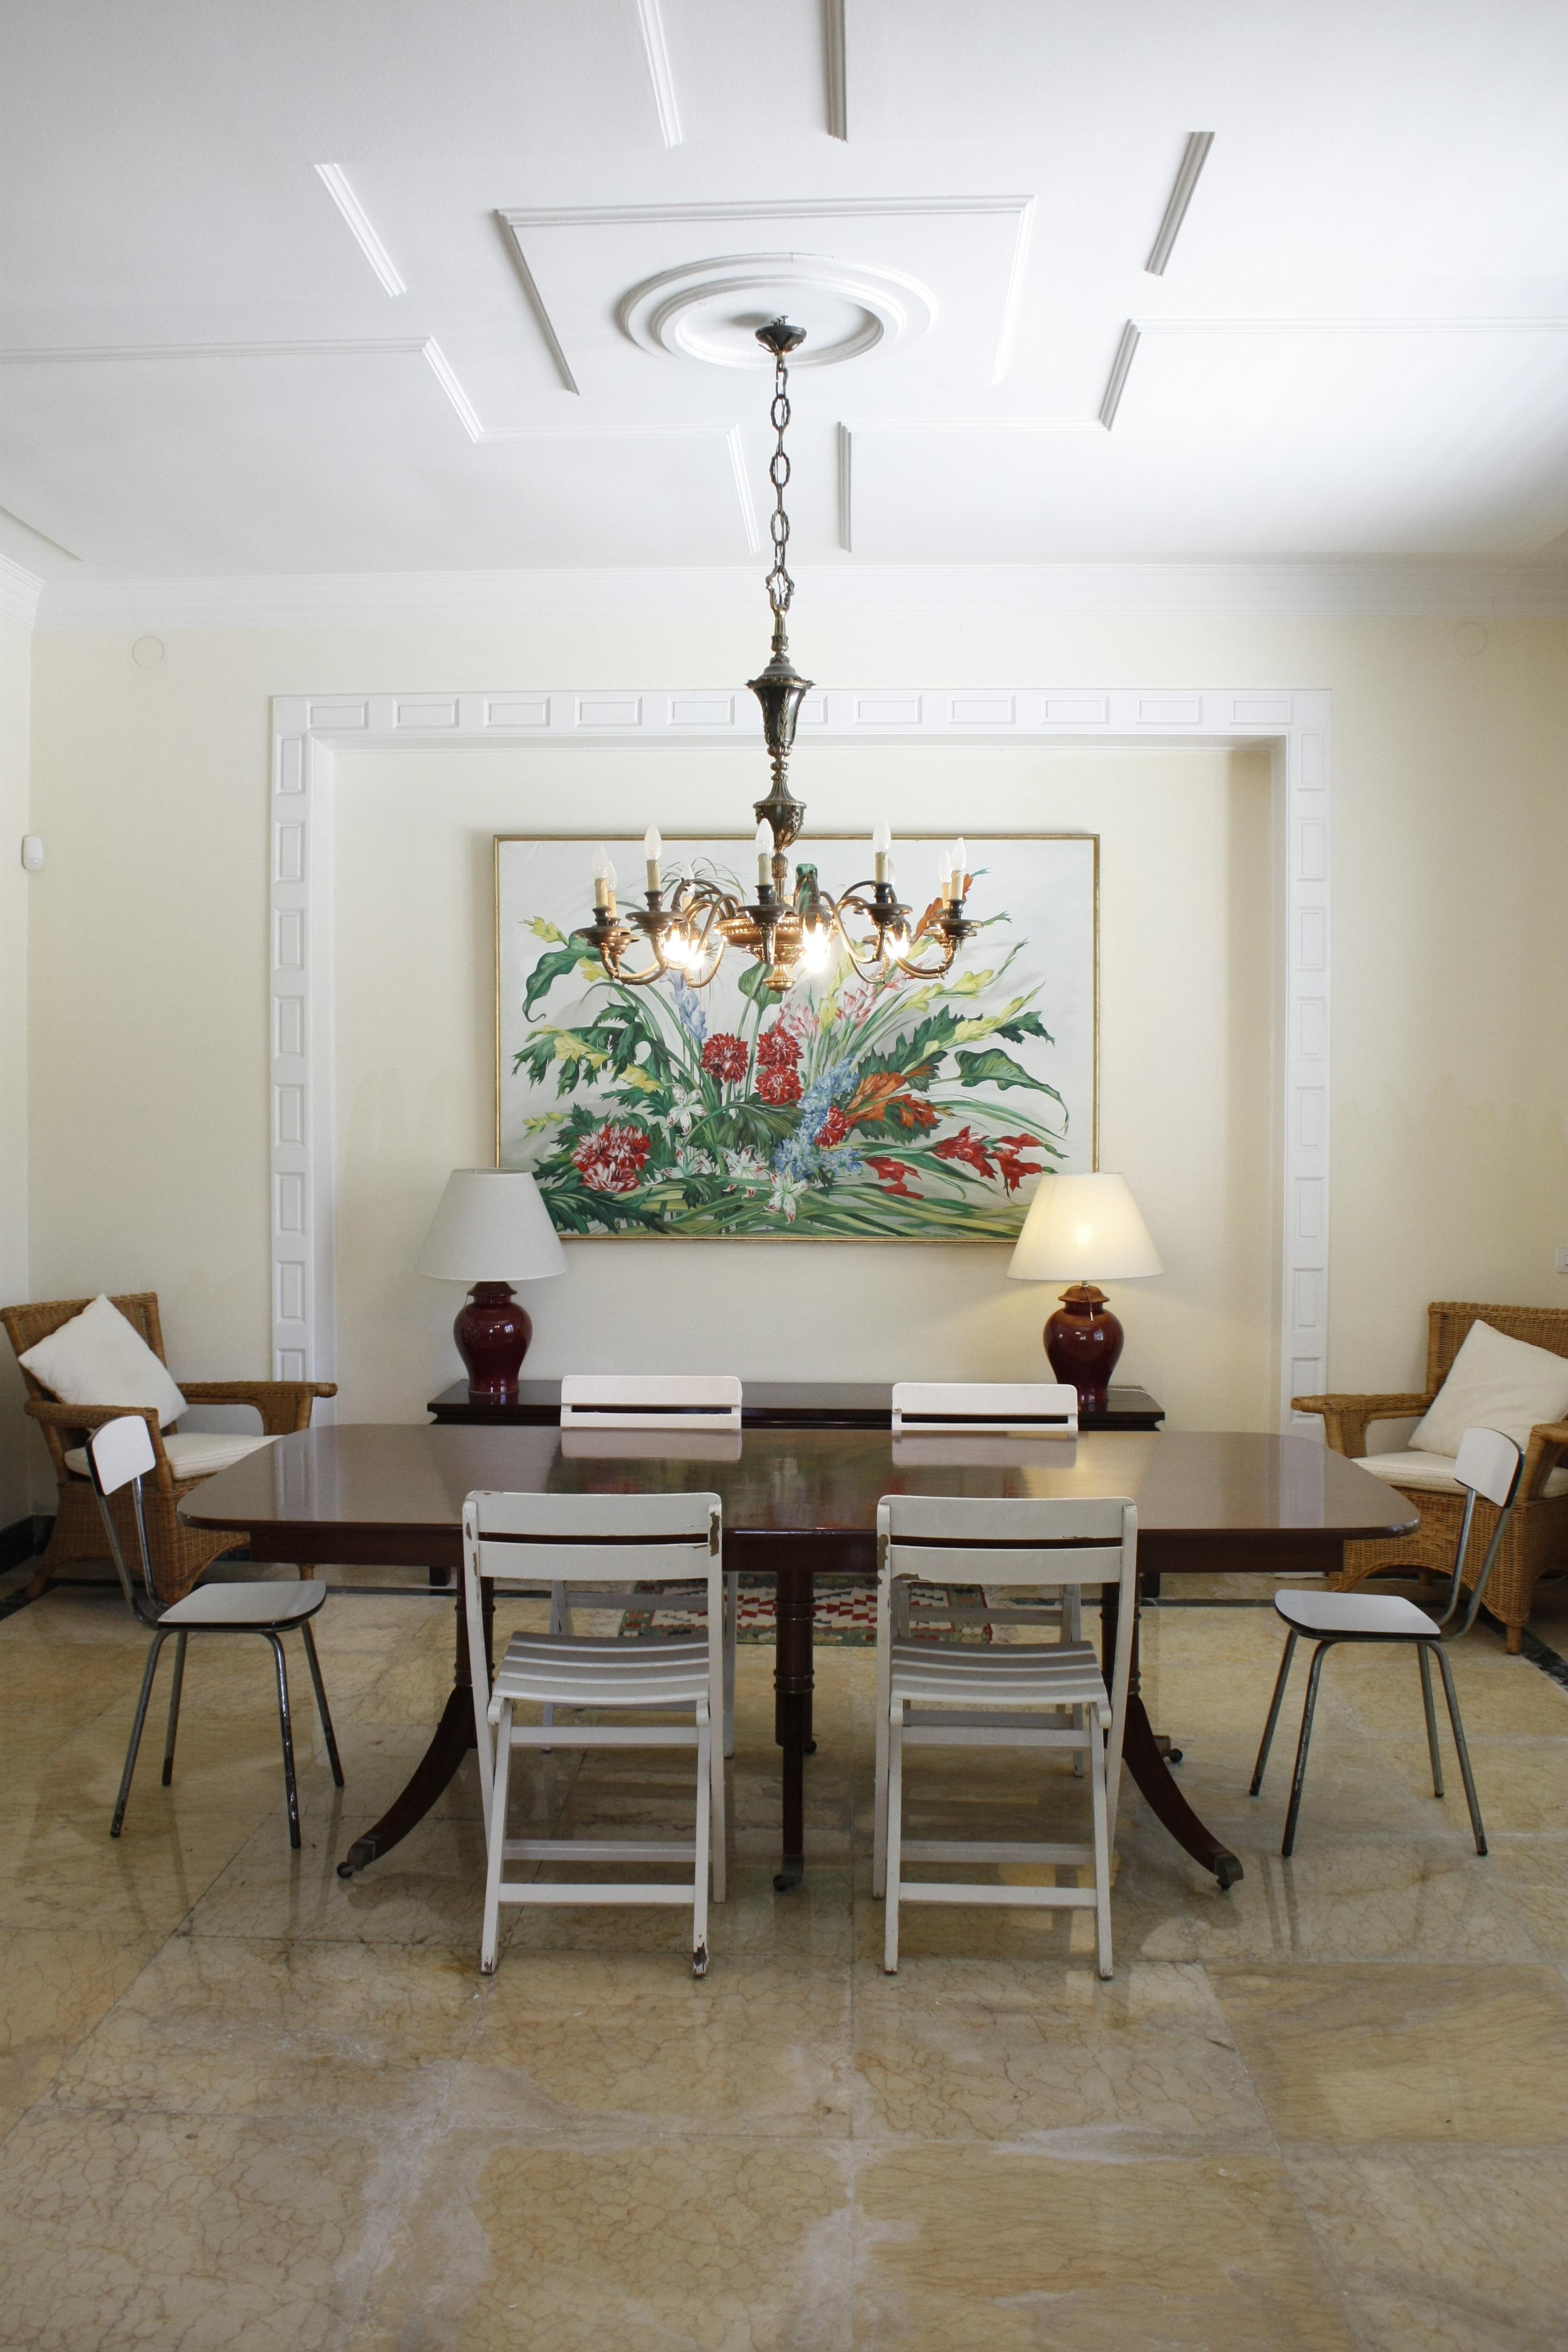 Rattanmöbel esszimmer  Wandbild • Bilder & Ideen • COUCHstyle